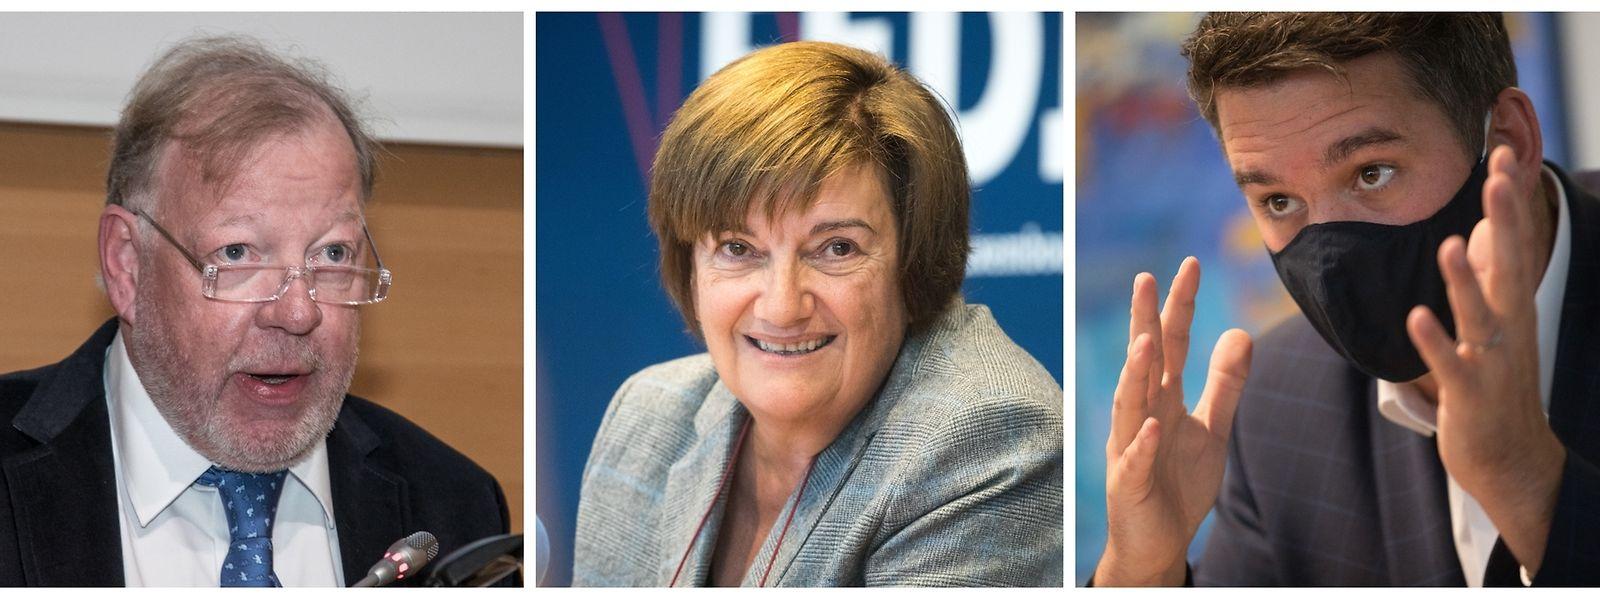 Alain Rix, Michèle Detaille und Lex Delles (v.l.) sind nur drei der Persönlichkeiten, die es mit einem Zitat in unseren Jahresrückblick geschafft haben.